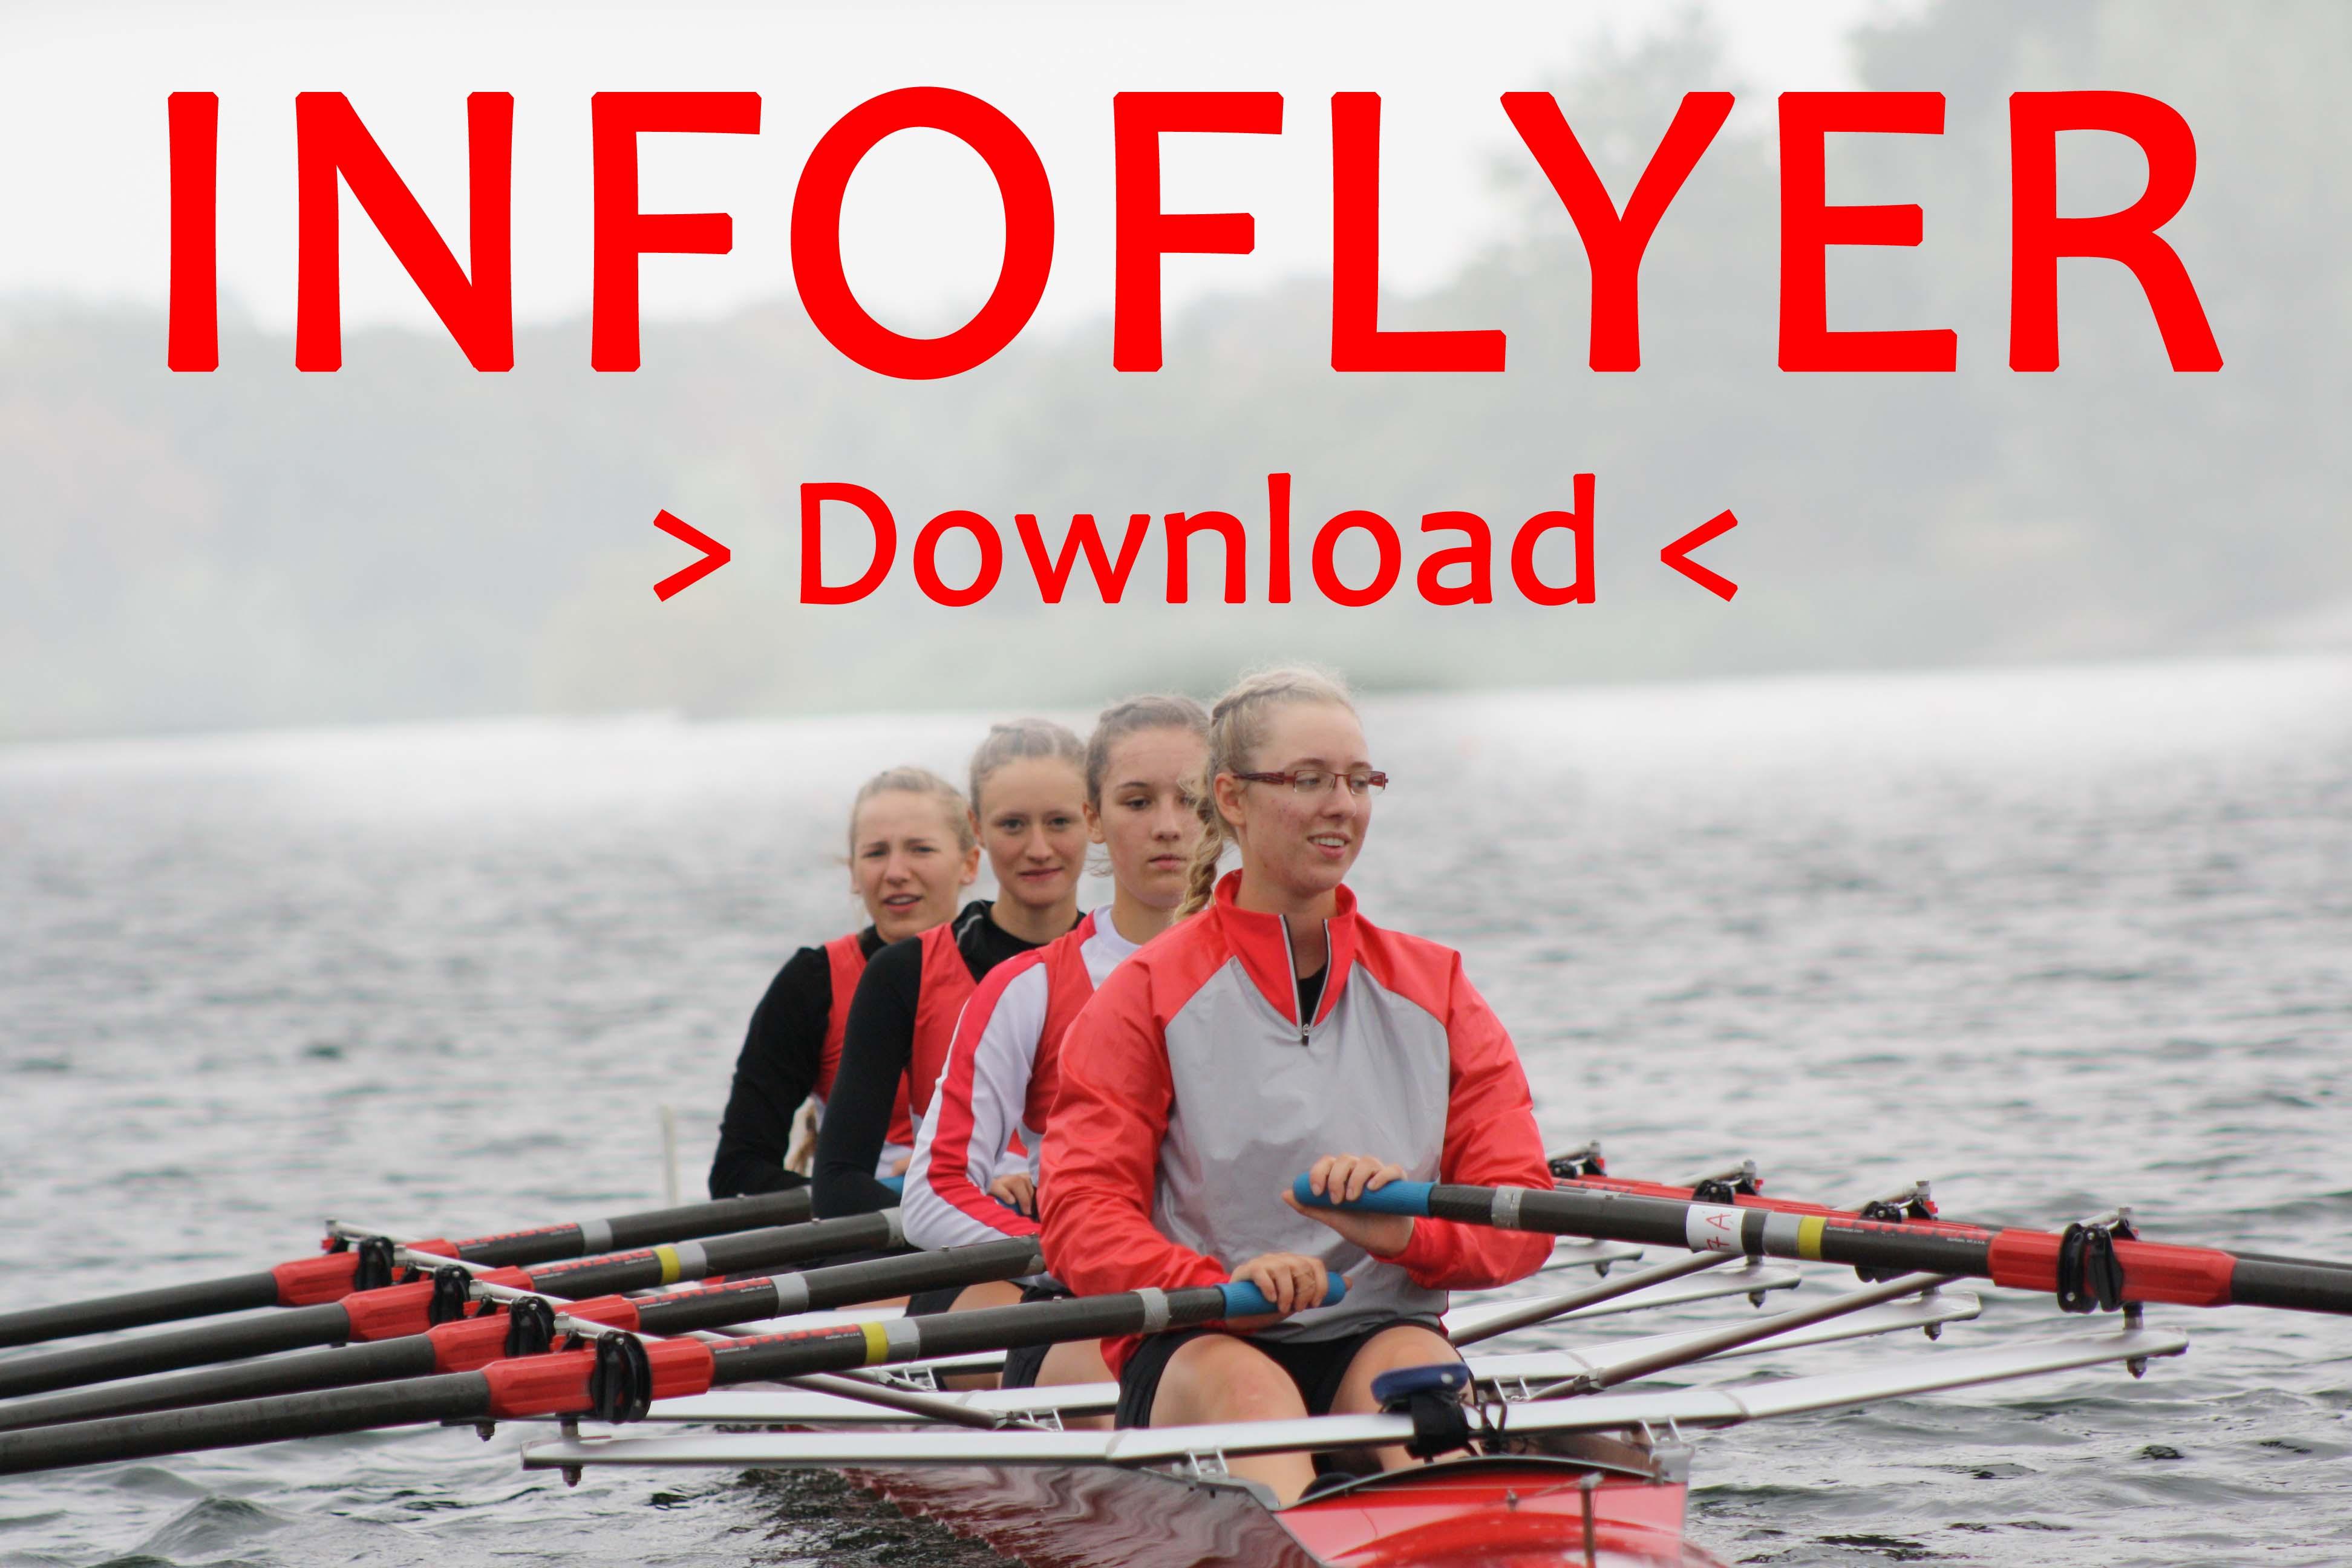 Infoflyer